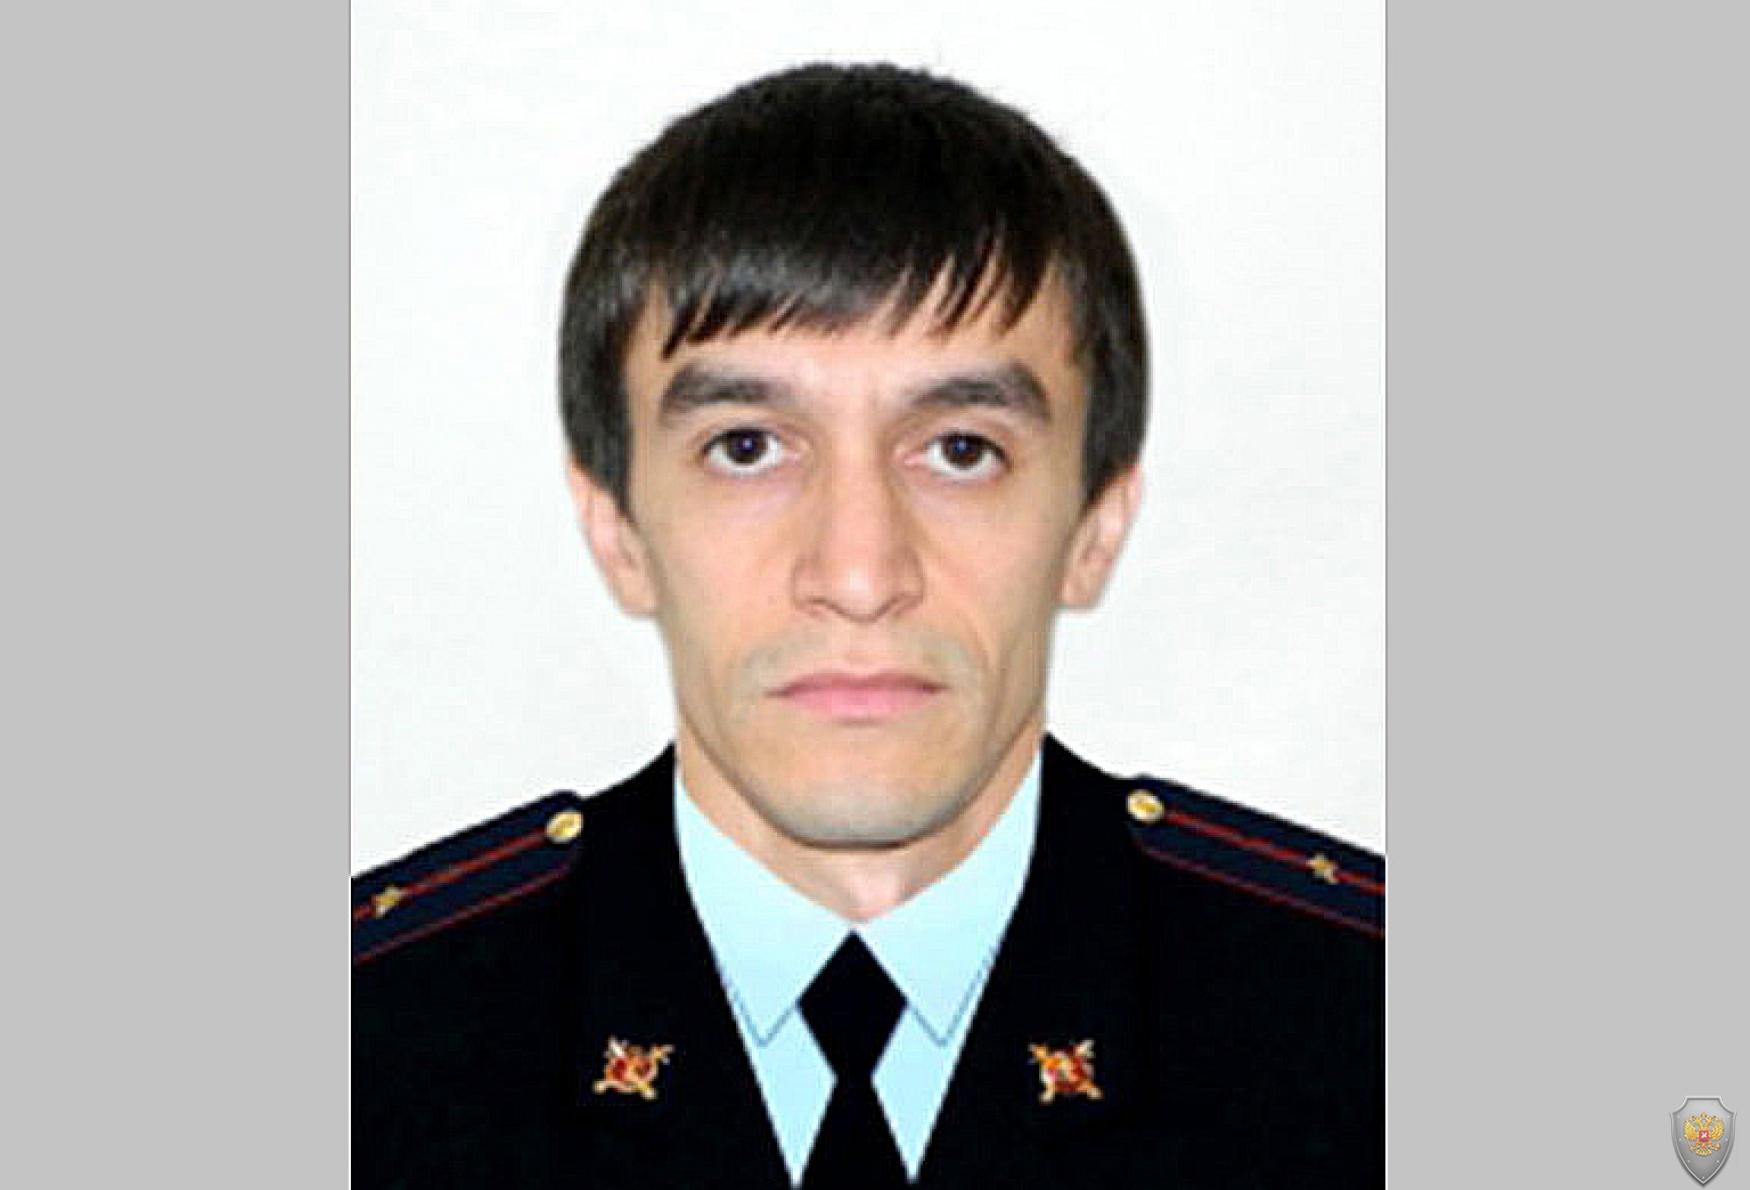 Нурбагандов Магомед Нурбагандович посмертно удостоен звания Героя Российской Федерации